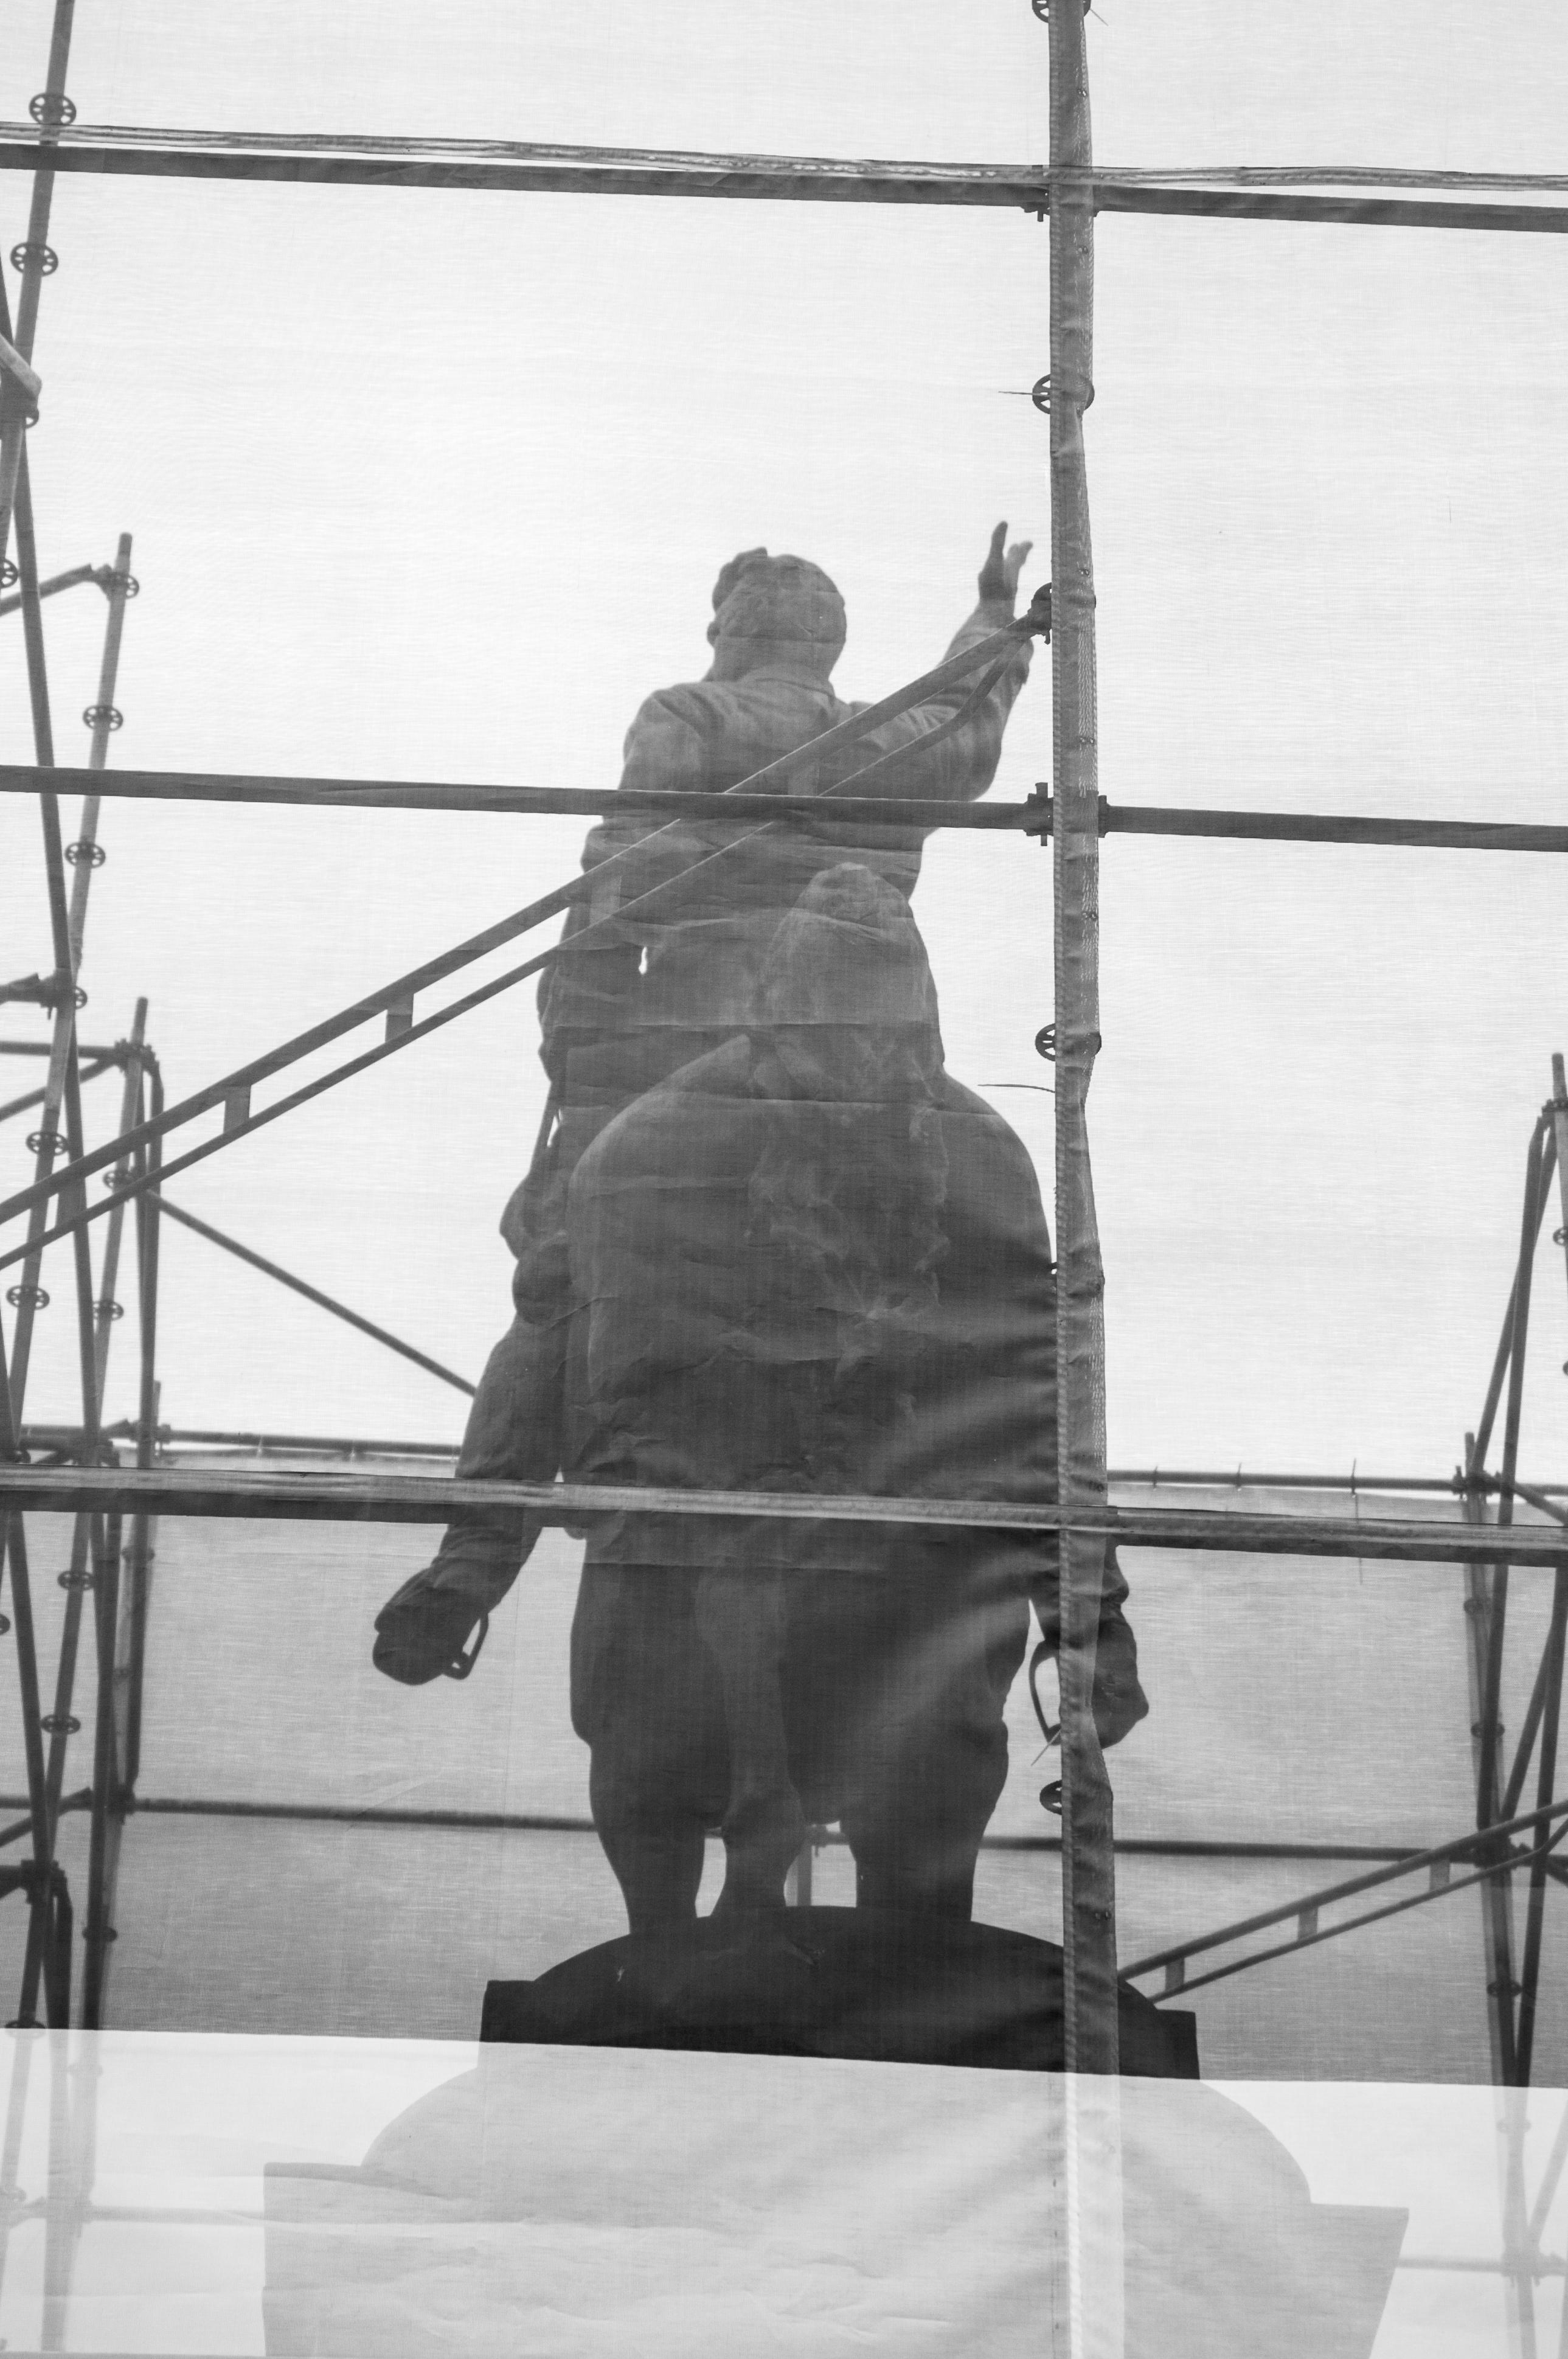 Пам'ятник М. Щорсу. Київ. 2017 р.